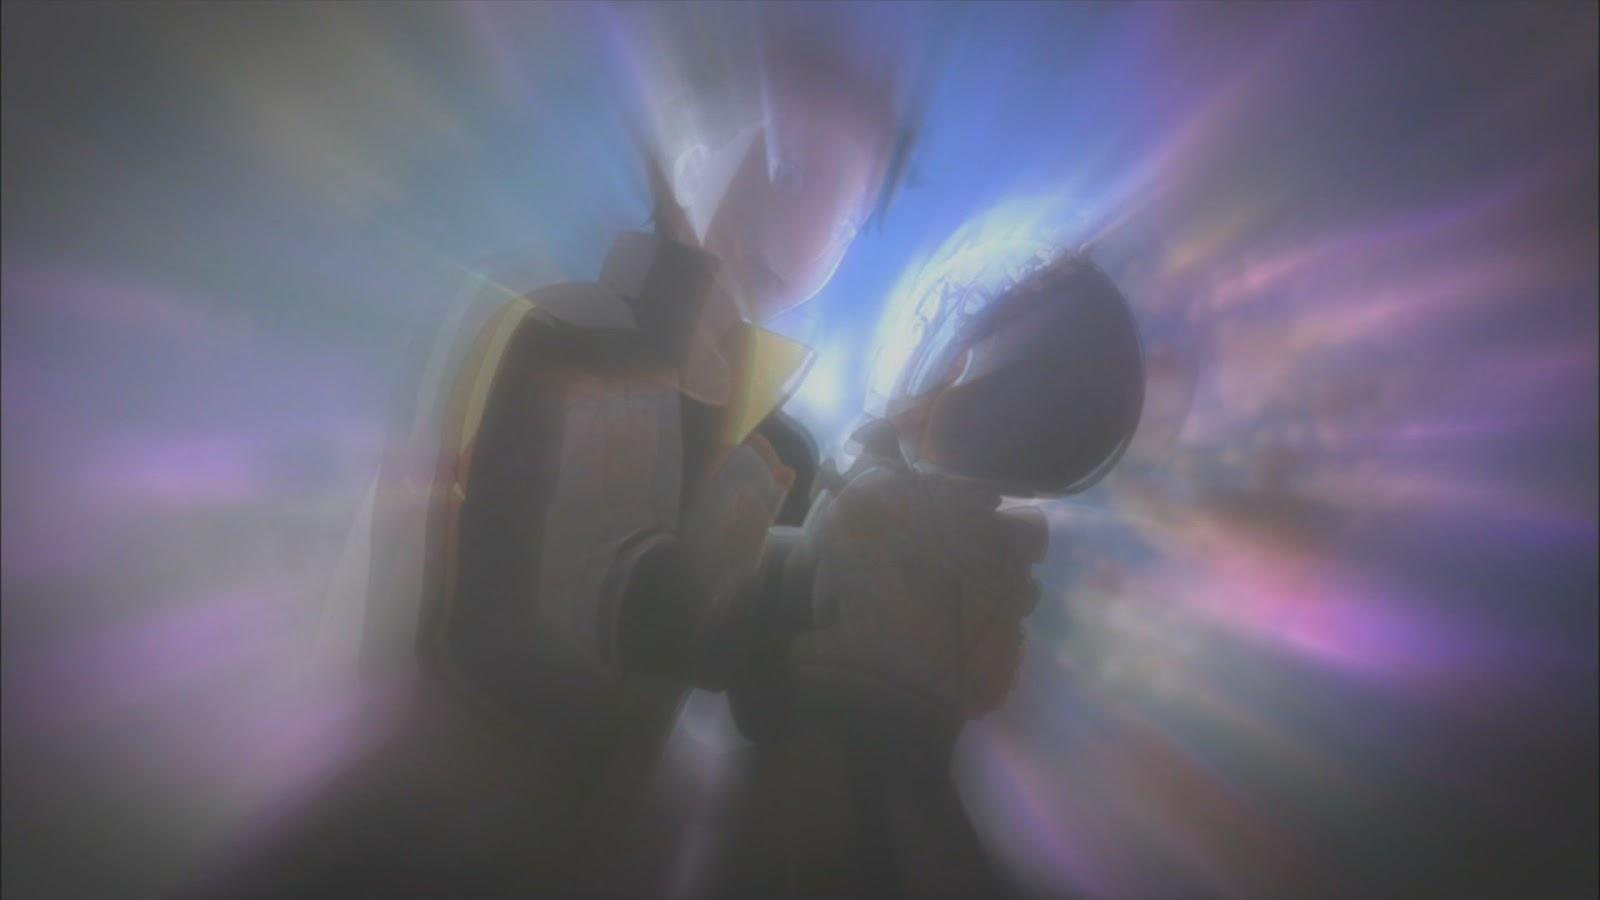 Re:Zero Kara Hajimeru Isekai Seikatsu Season 2 - Episode 1